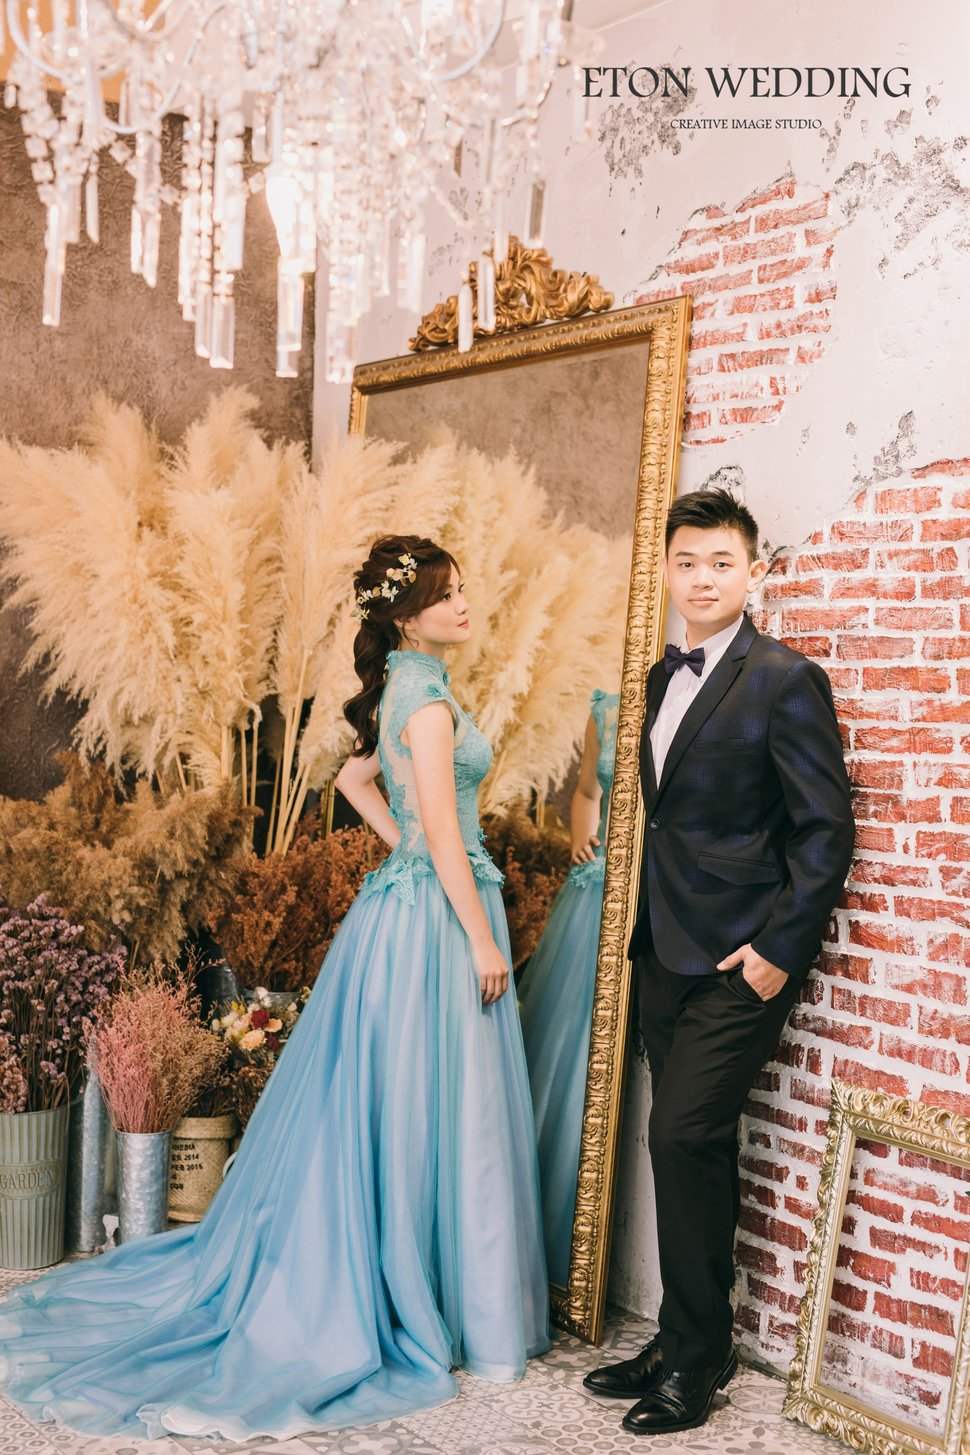 高雄婚紗,伊頓自助婚紗 (2) - 伊頓自助婚紗攝影工作室(高雄創始店)《結婚吧》